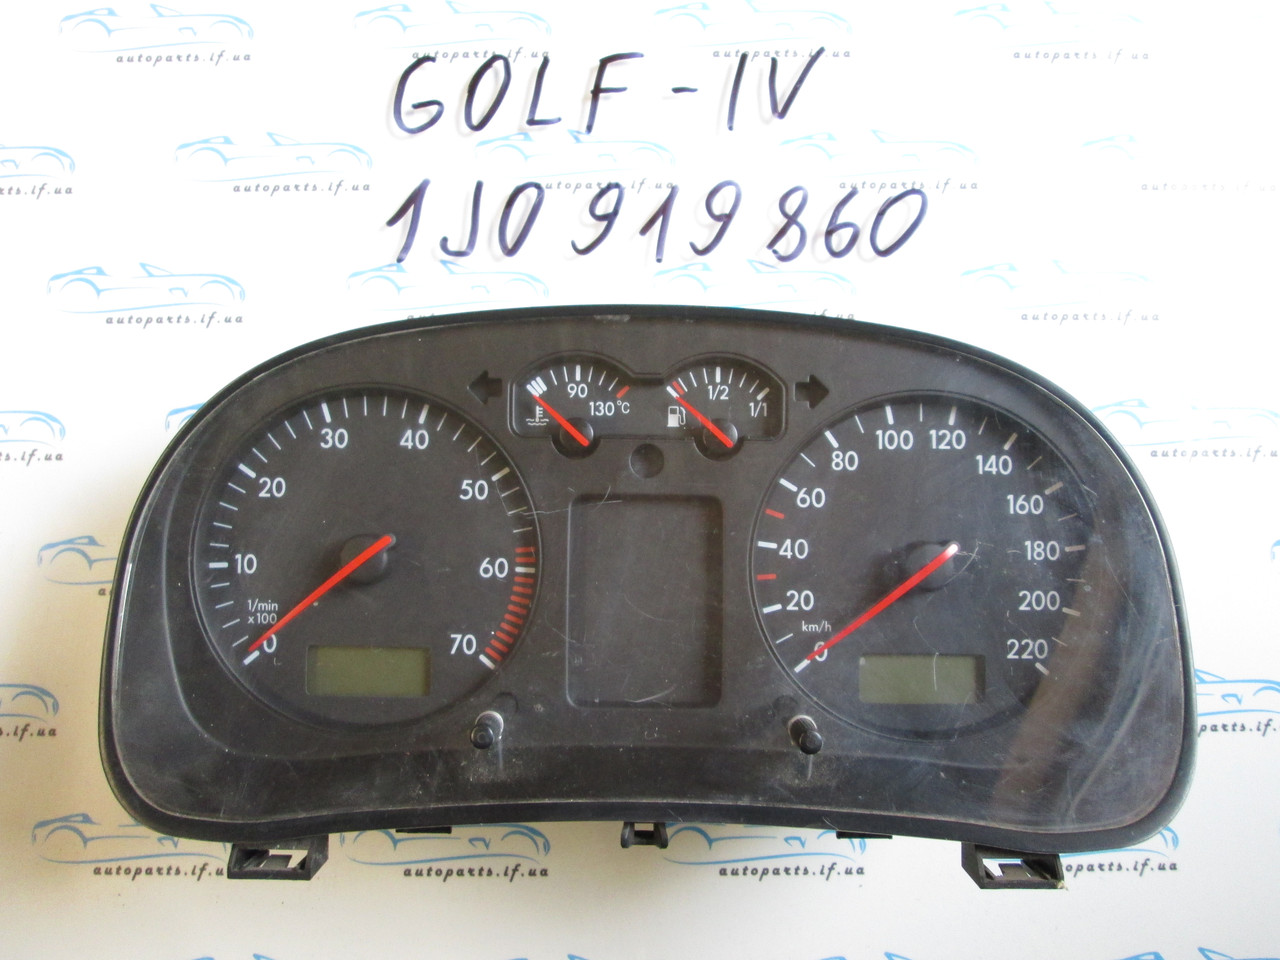 Панель приборов Гольф 4, Golf 4 1J0919860